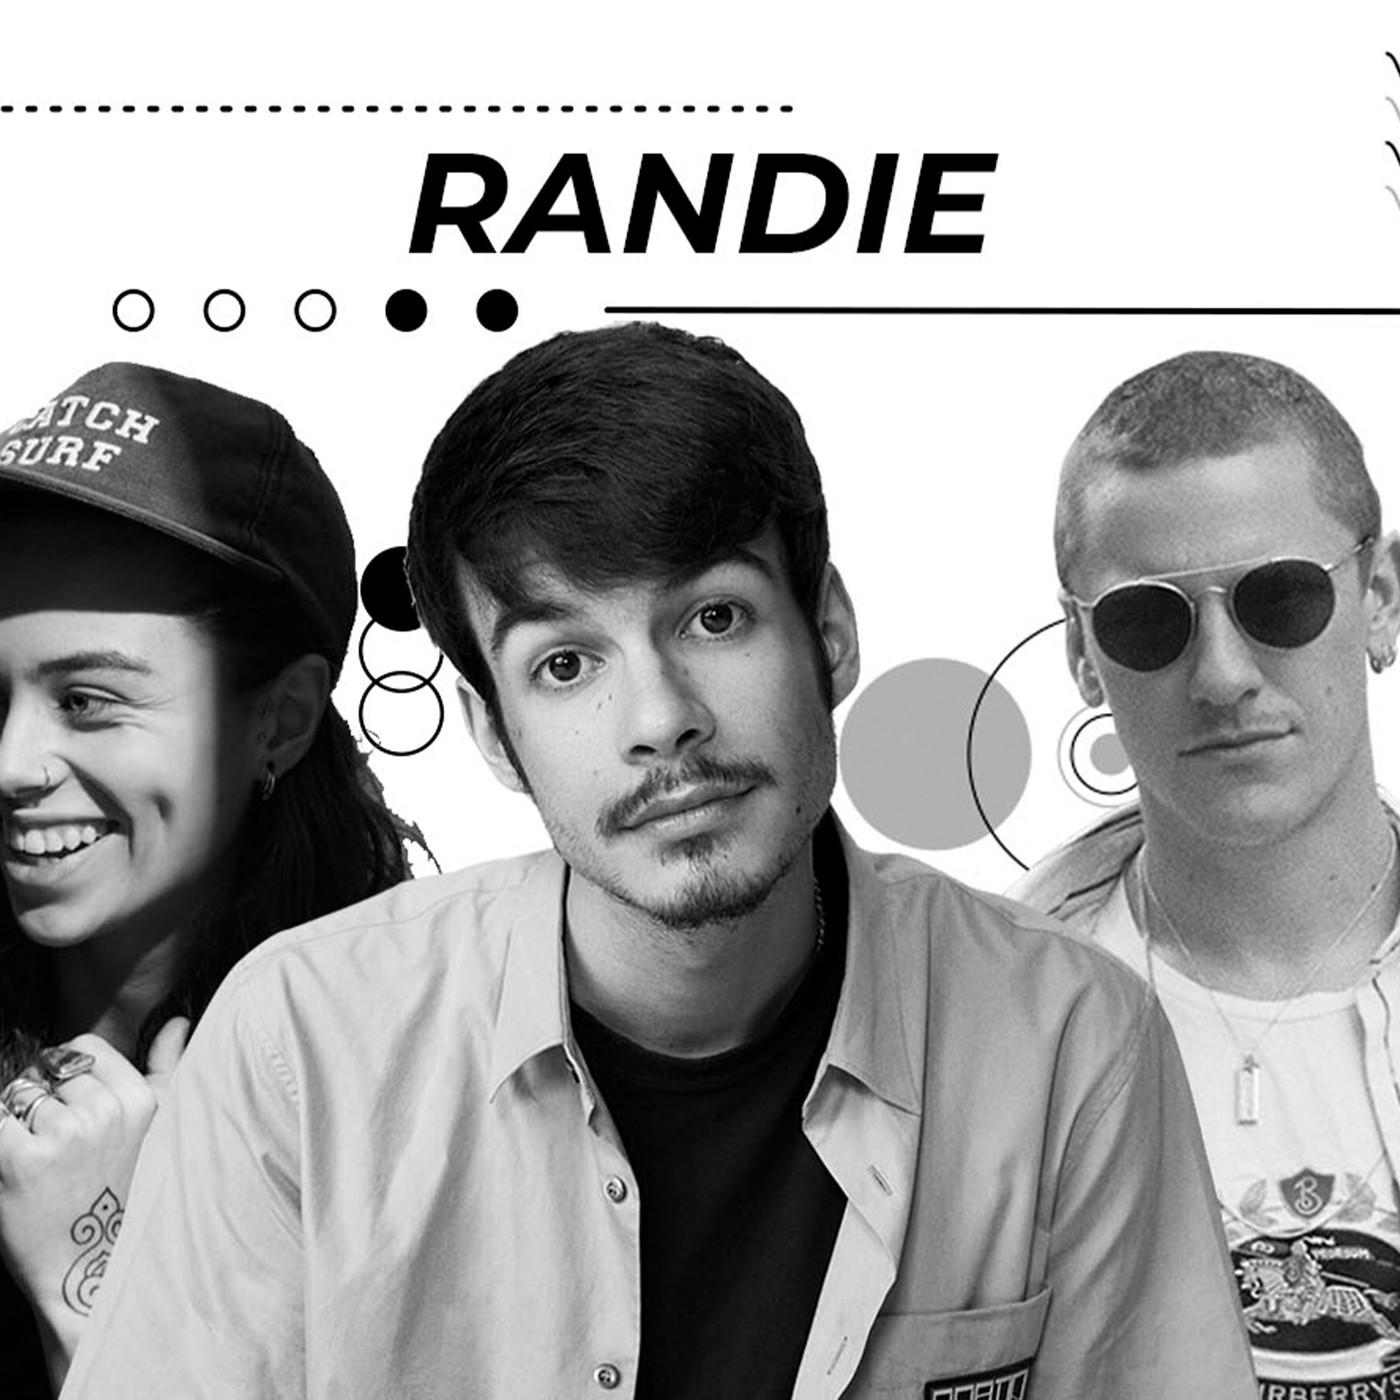 Randie E.8 T.2: ¿Indie un género o no?